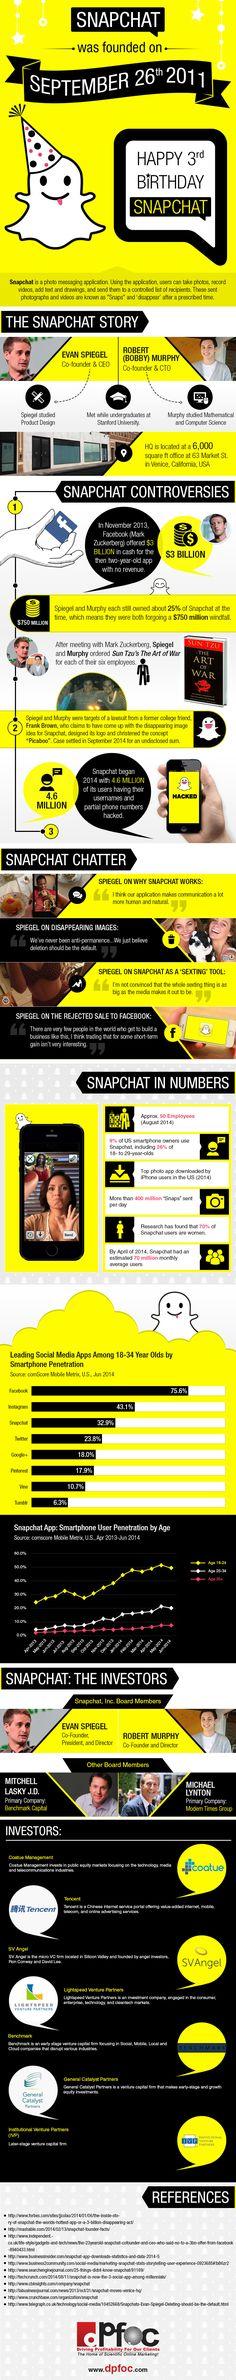 Happy 3rd Birthday Snapchat #infographic #Snapchat #SocialMedia